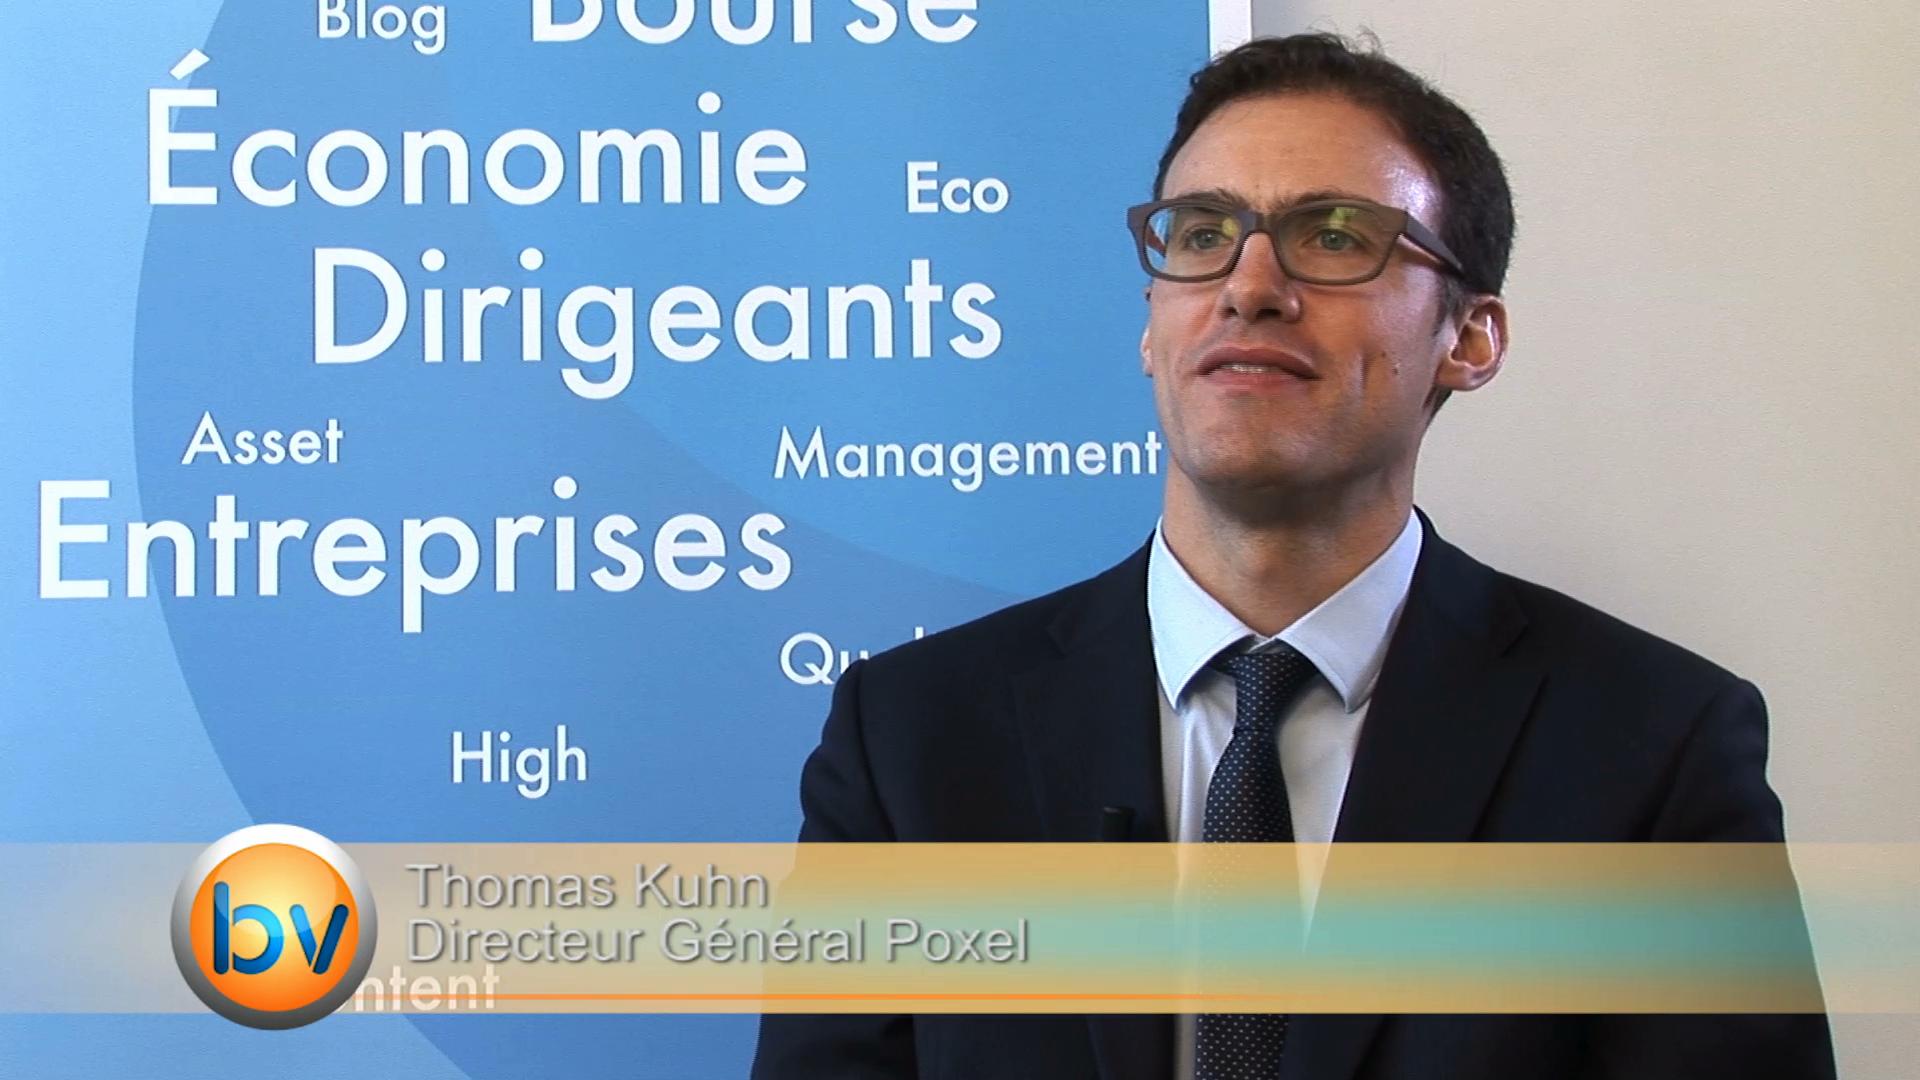 Thomas Kuhn Directeur Général Poxel : «On veut continuer à développer et à valoriser encore ce produit» : Introduction en Bourse de la société de biotechnologies spécialisée dans le diabète